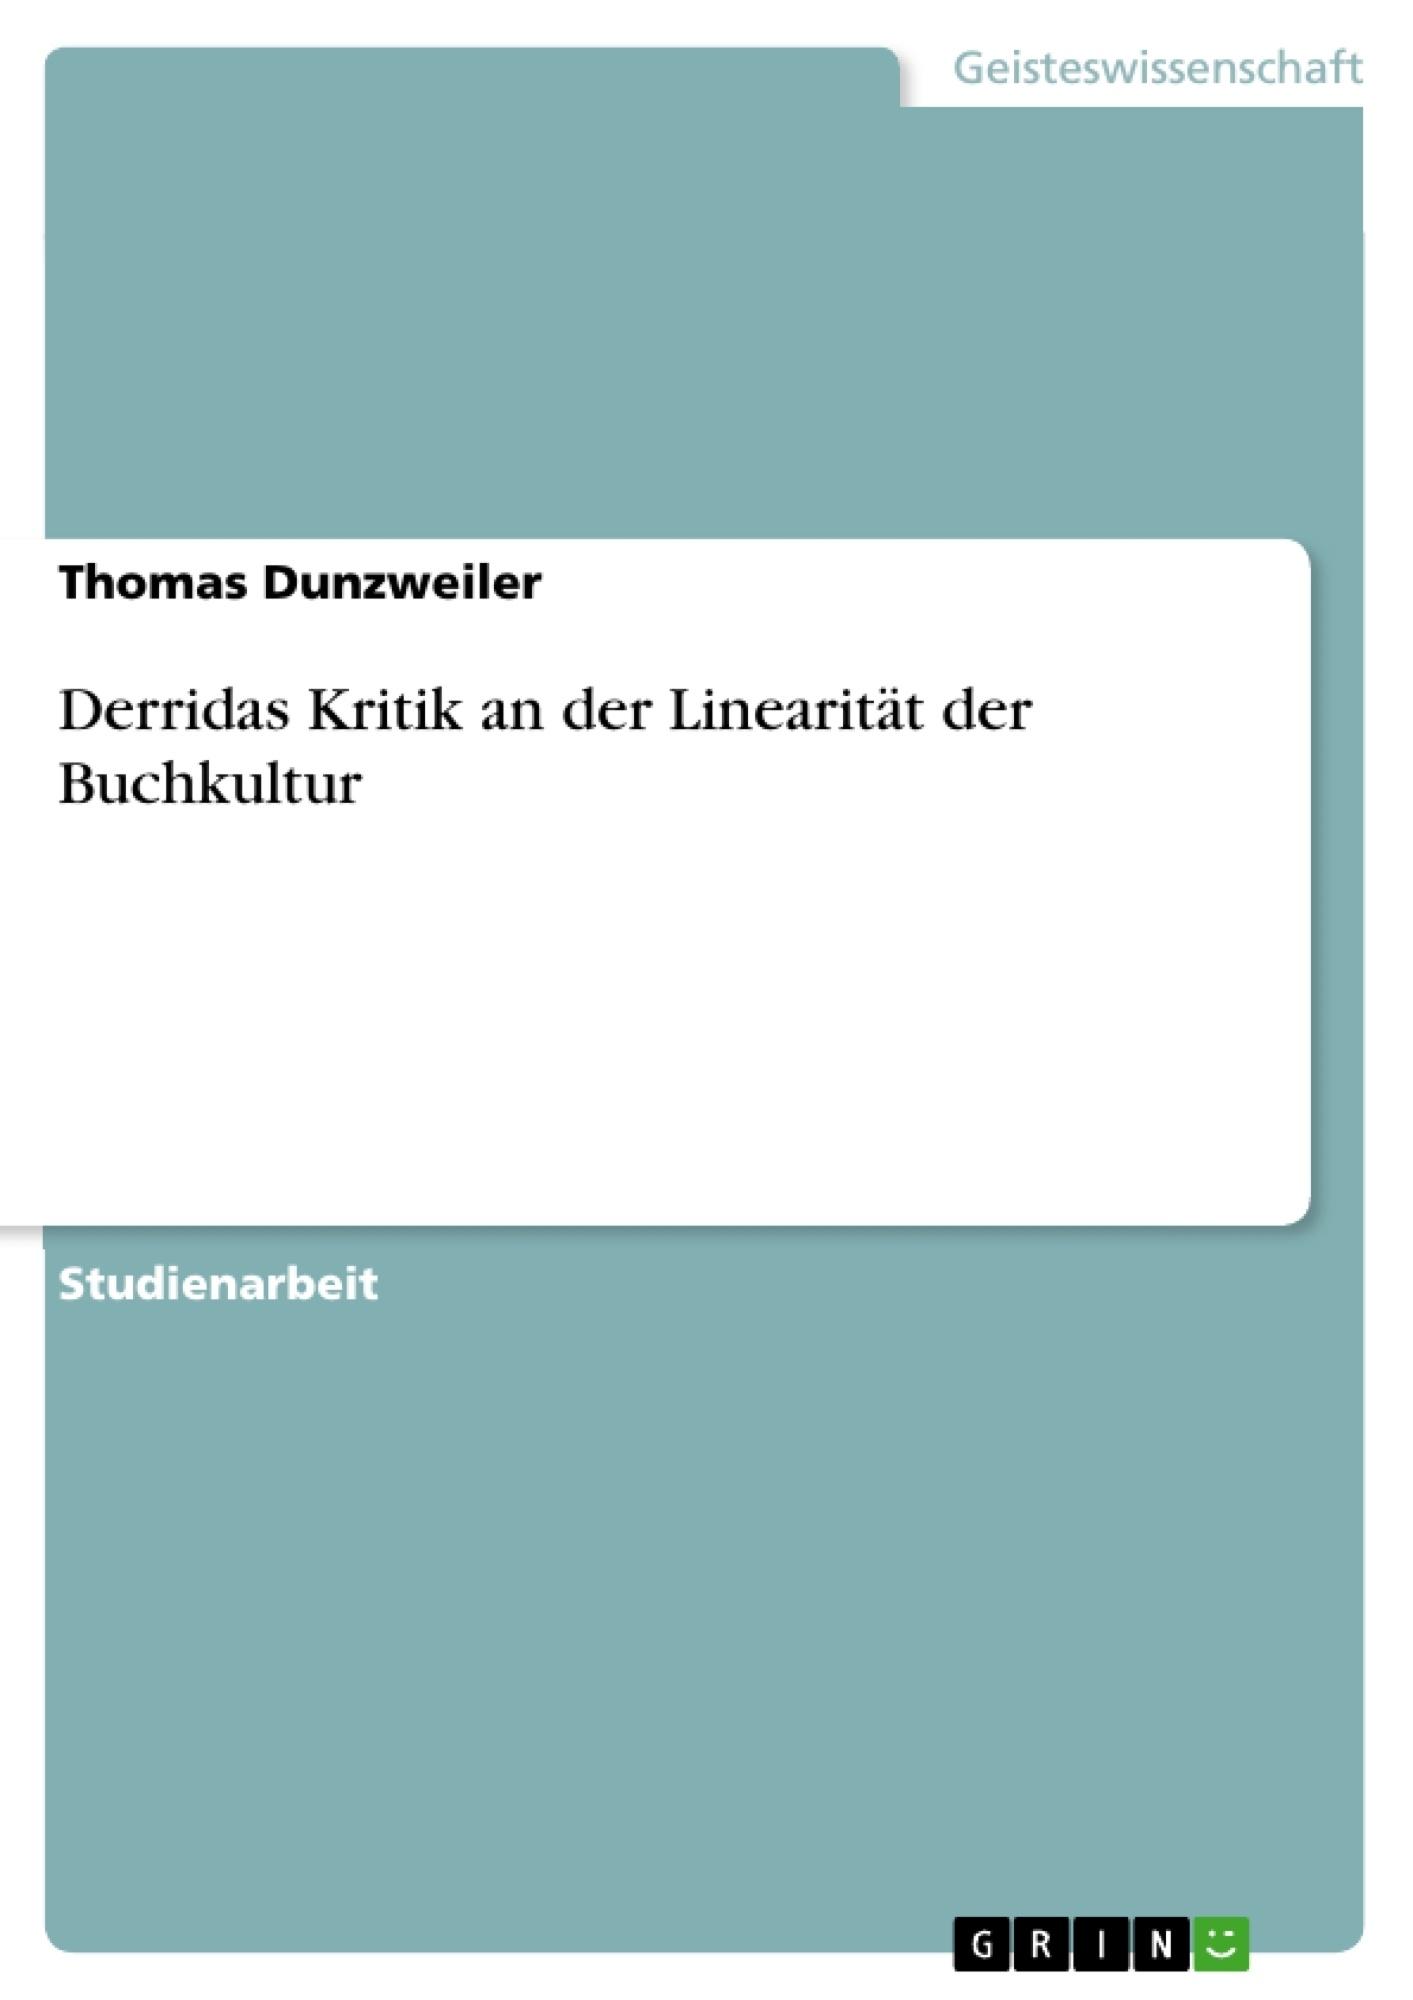 Titel: Derridas Kritik an der Linearität der Buchkultur